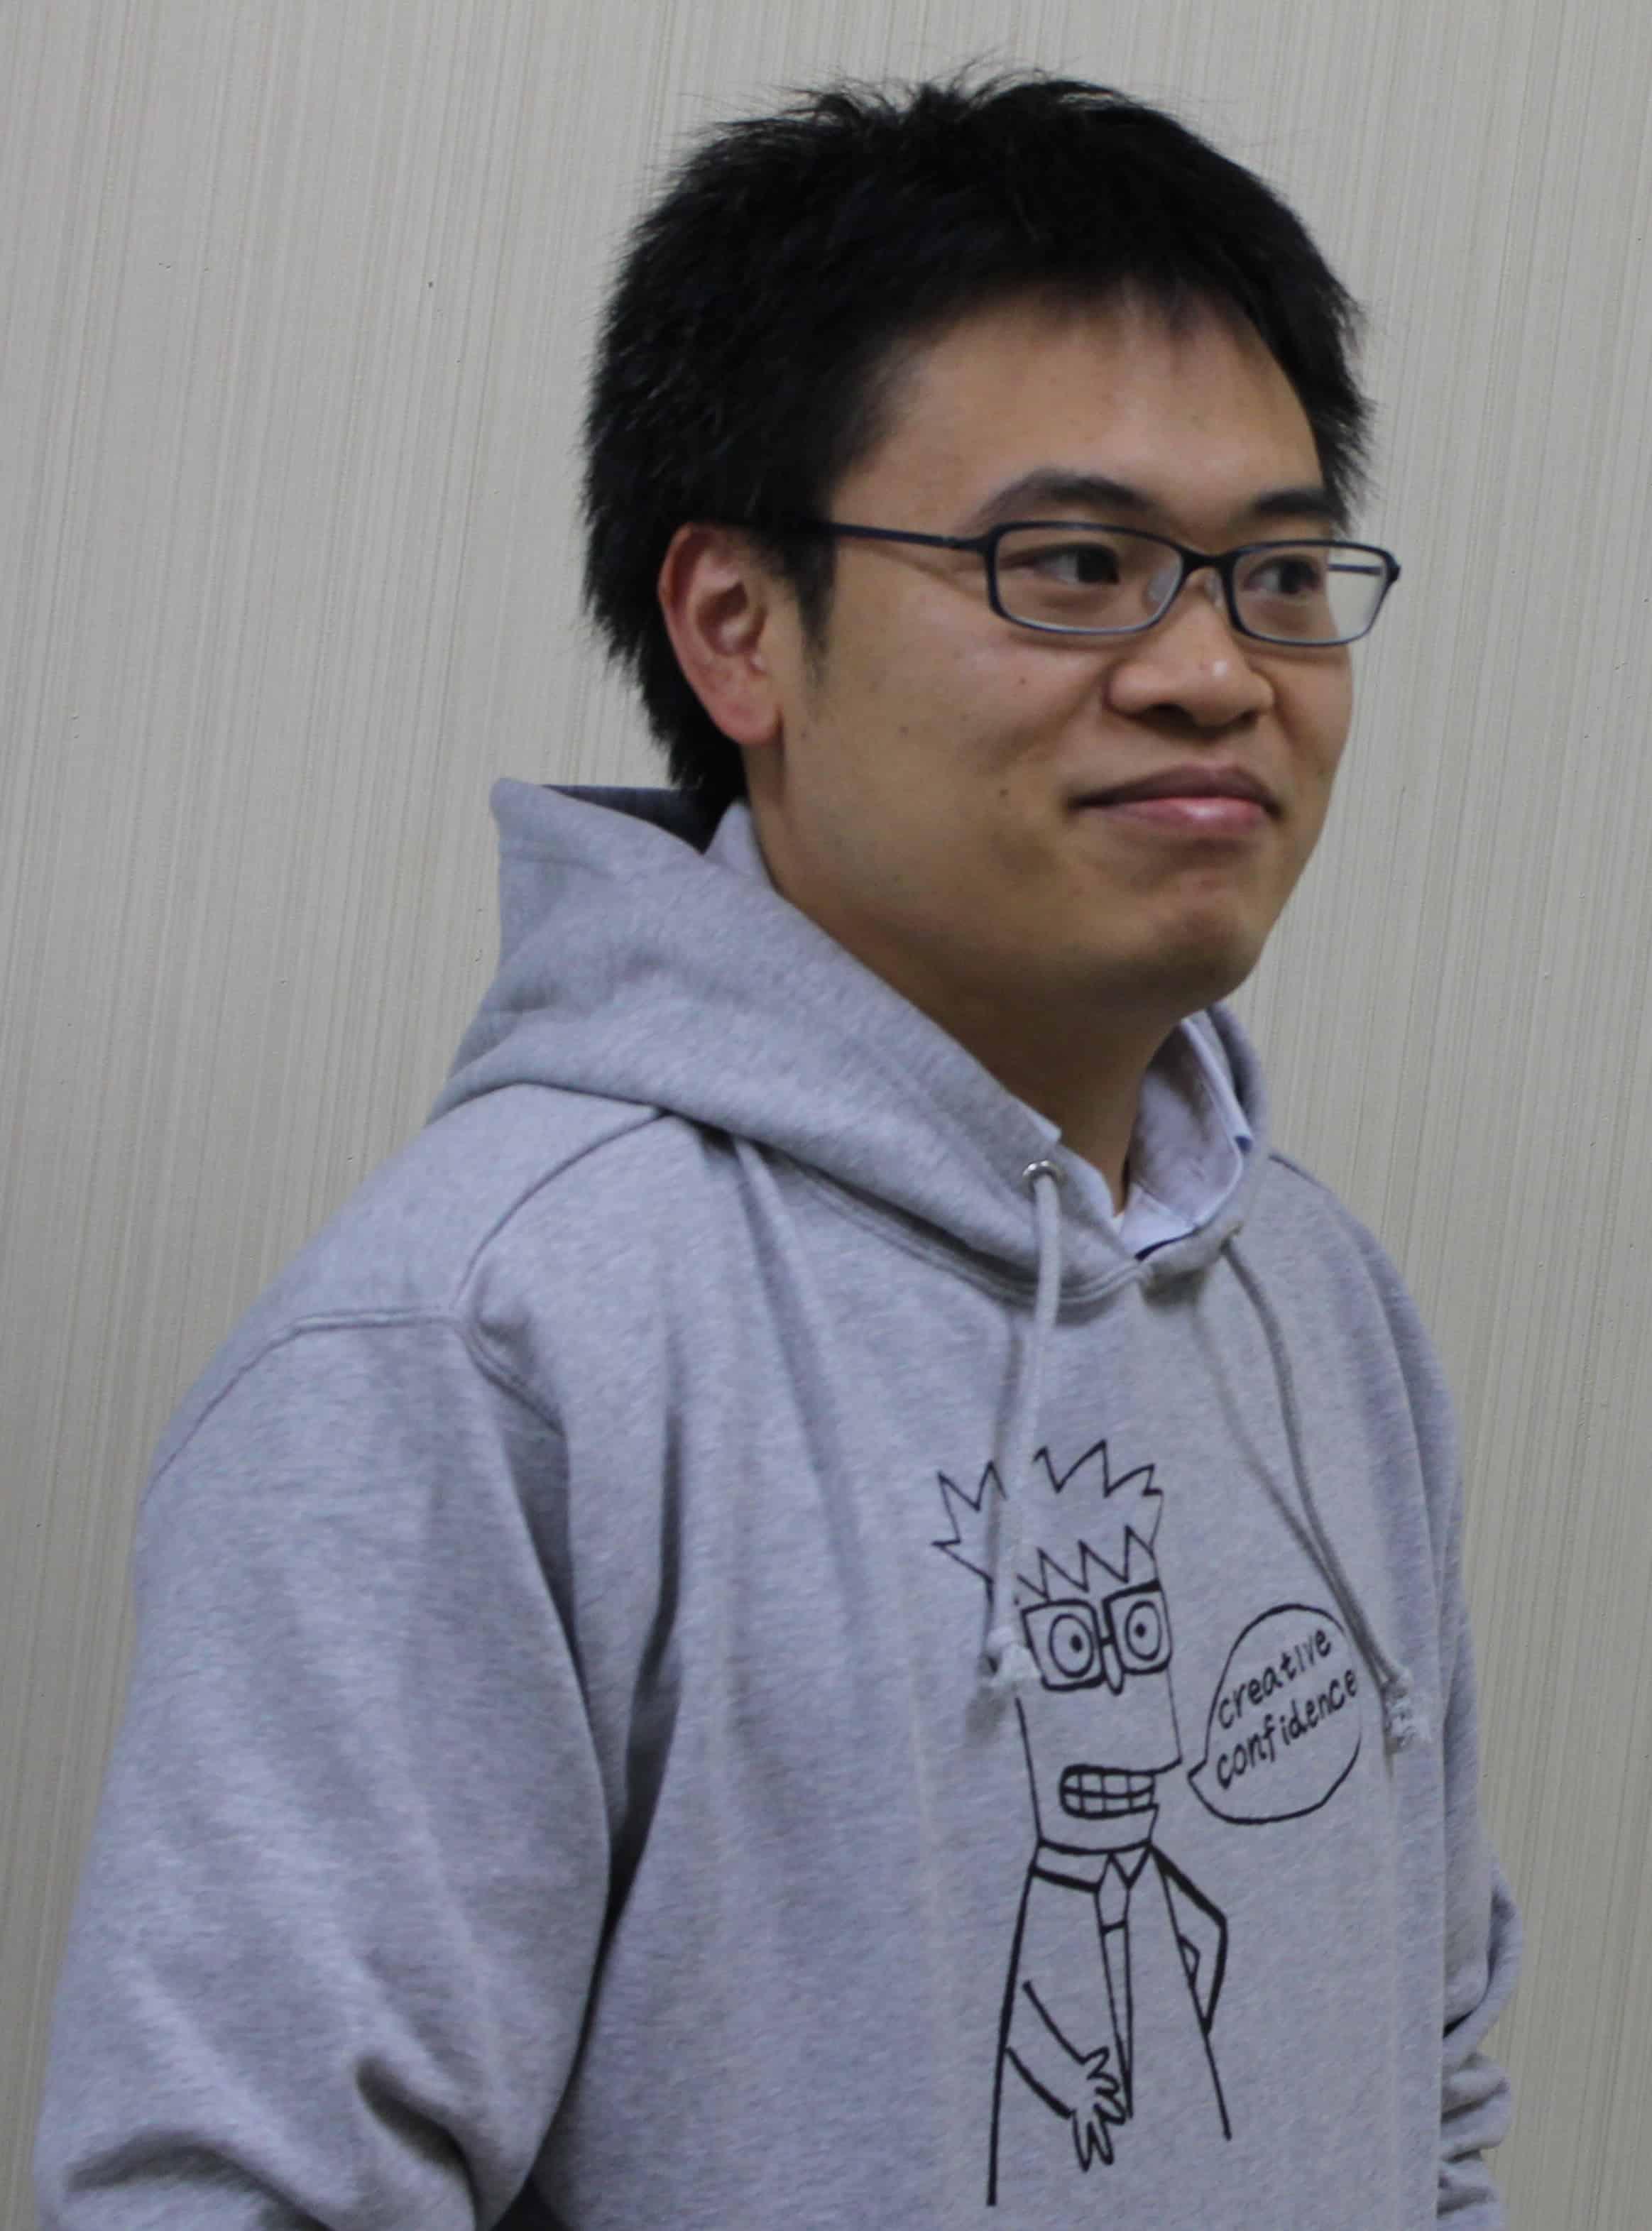 IMG 5071 - 橋本ゼミとは?